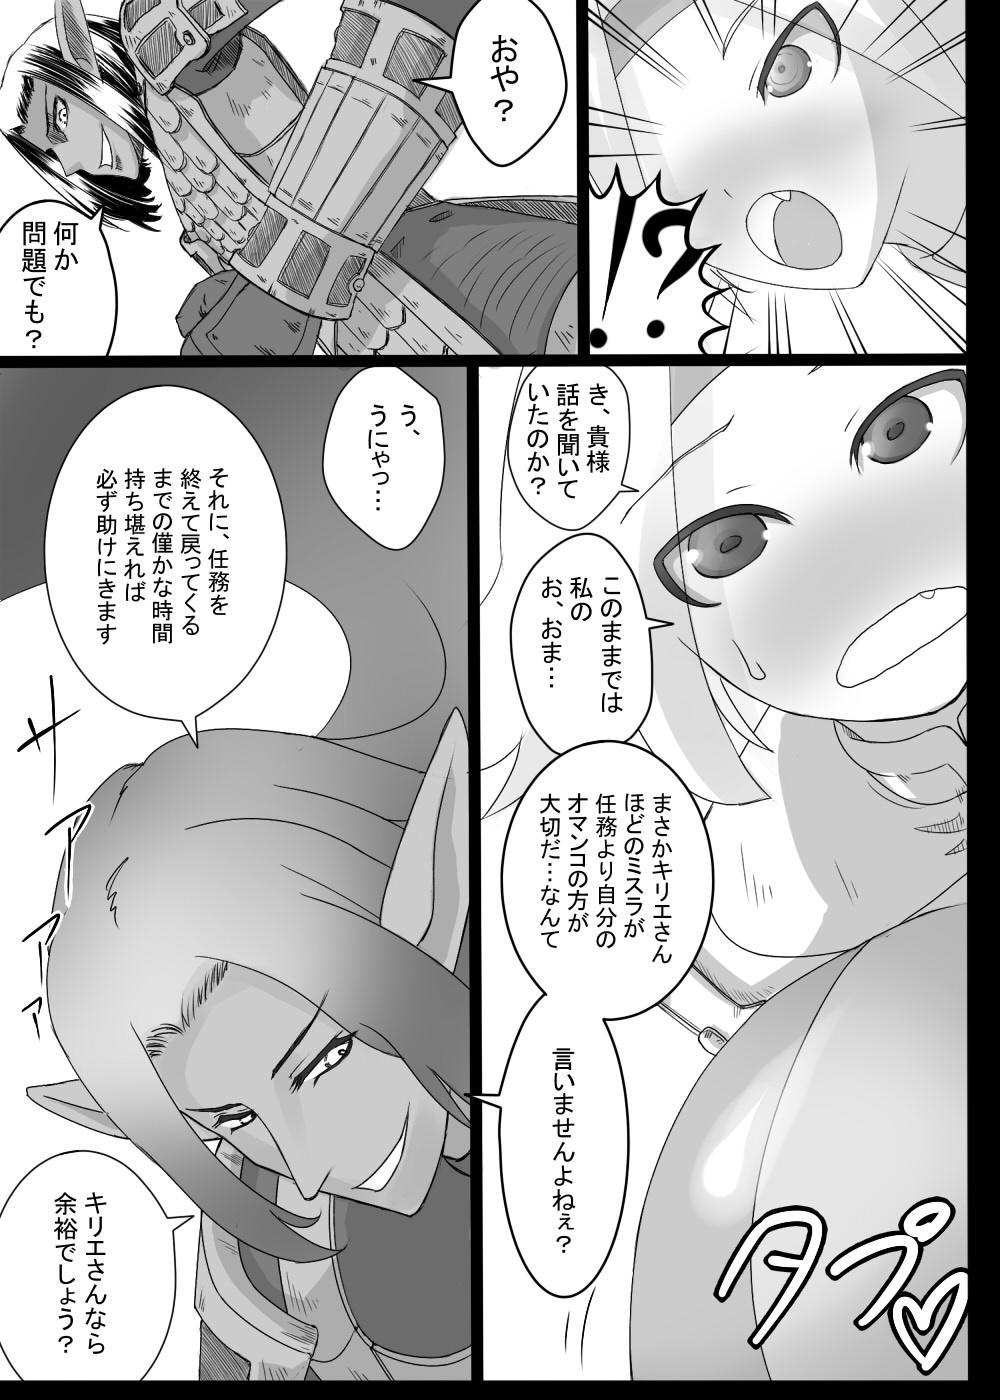 獣姦ミスラさん 7